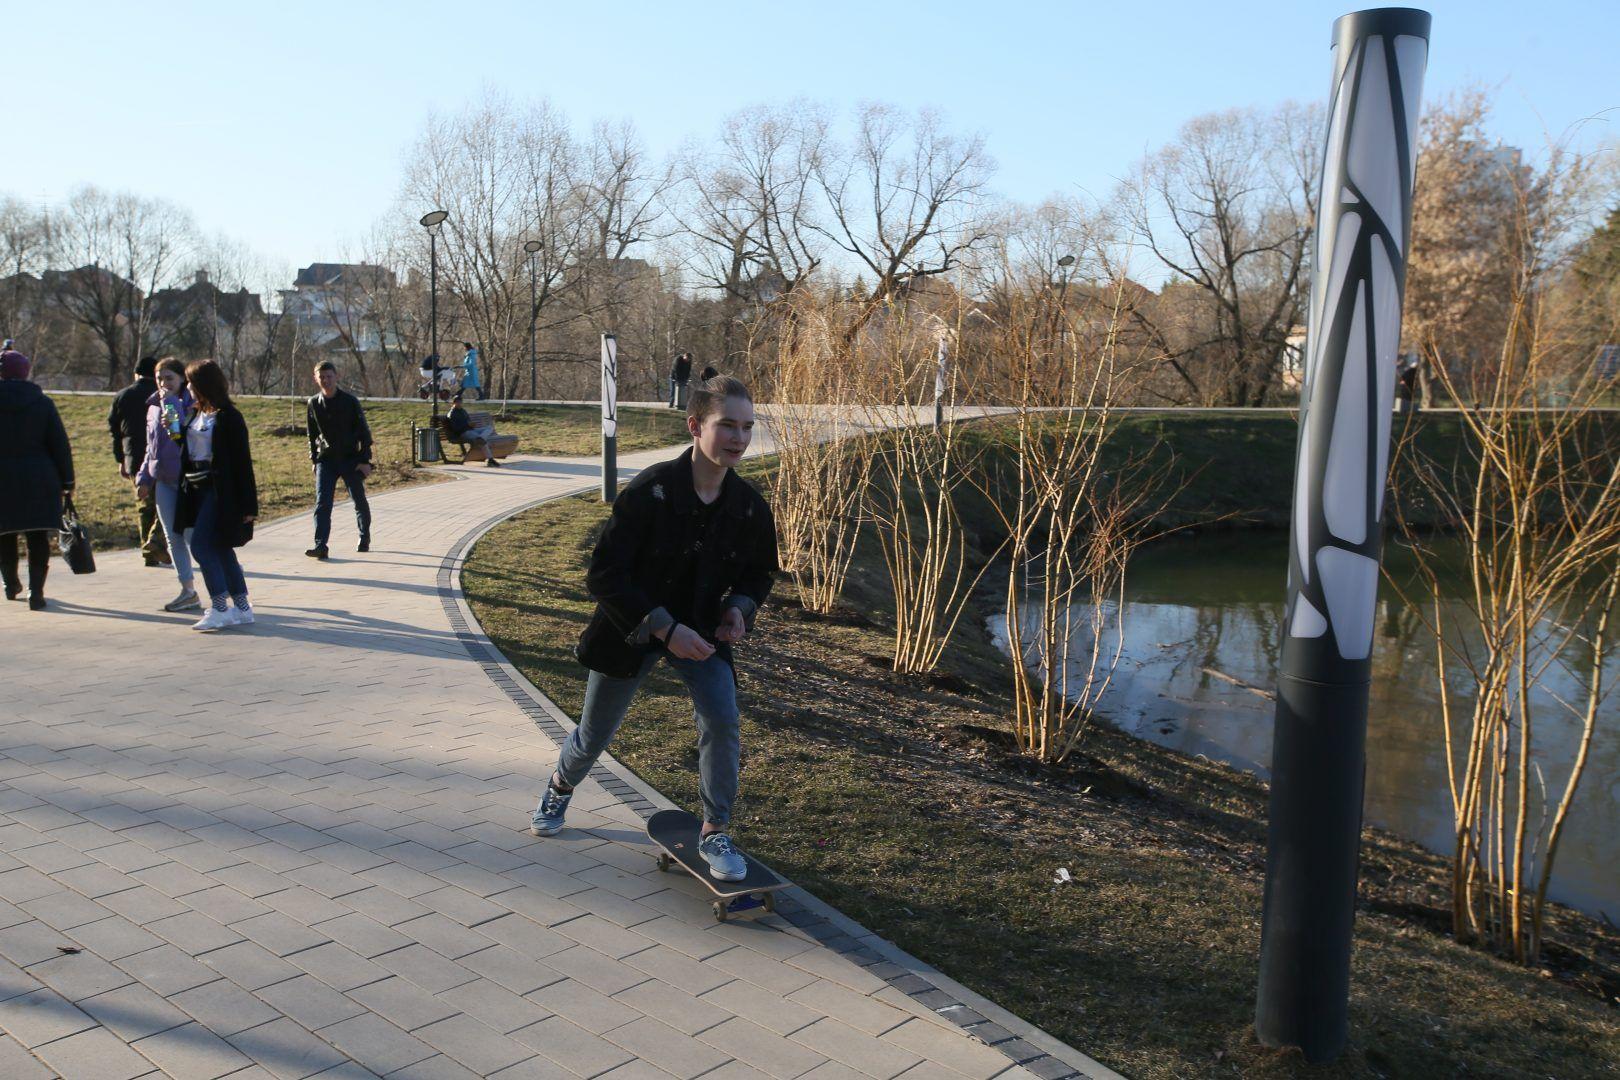 16 апреля 2019 года. Воскресенское. Набережная реки Цыганки стала любимым местом для прогулок и занятий спортом. Фото: Владимир Смоляков